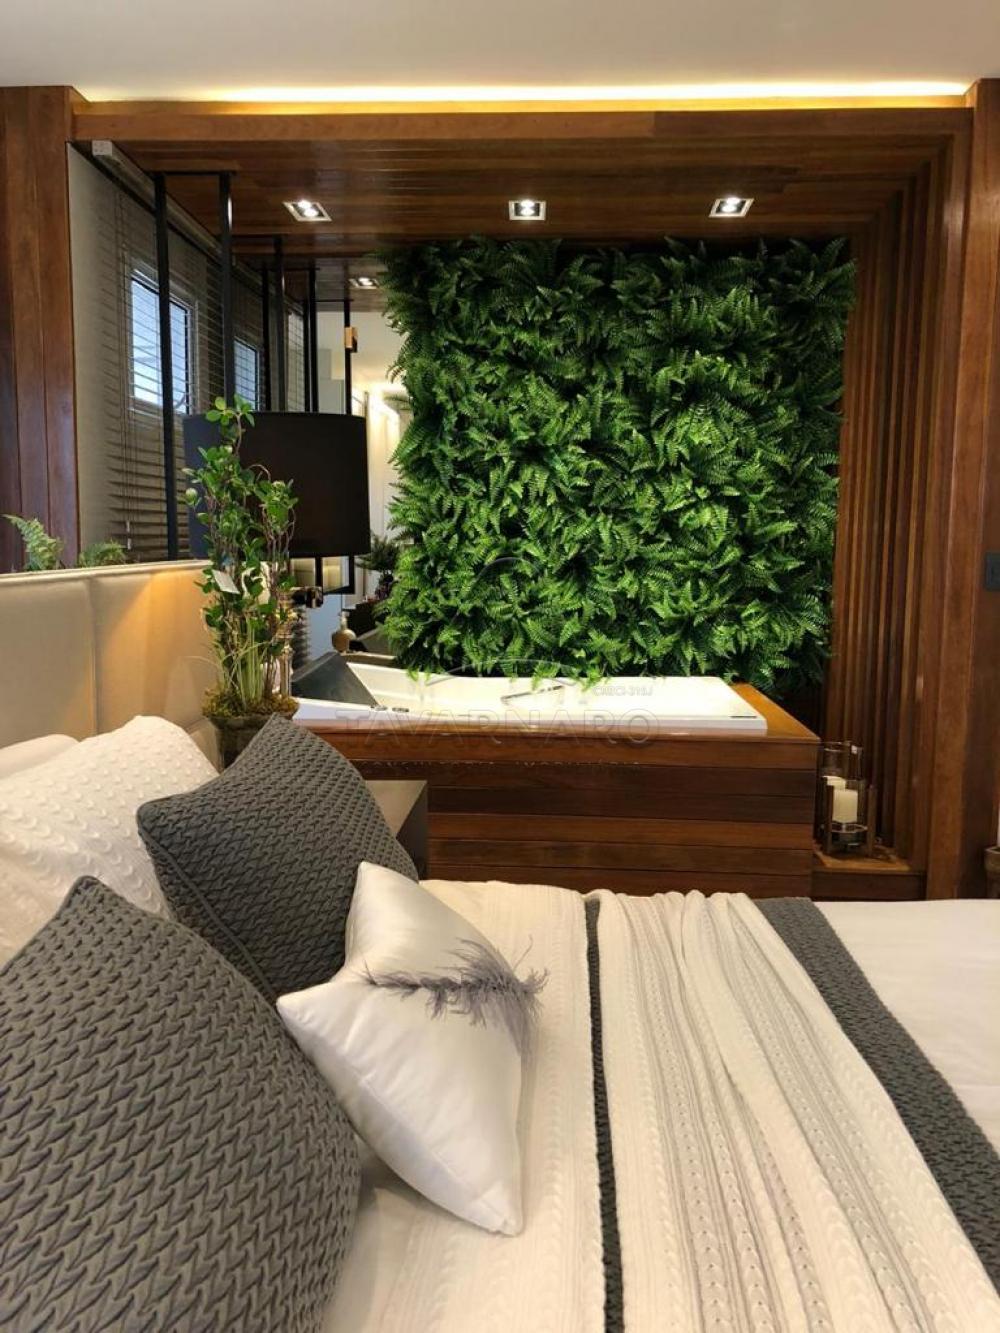 Comprar Apartamento / Padrão em Ponta Grossa R$ 1.500.000,00 - Foto 15